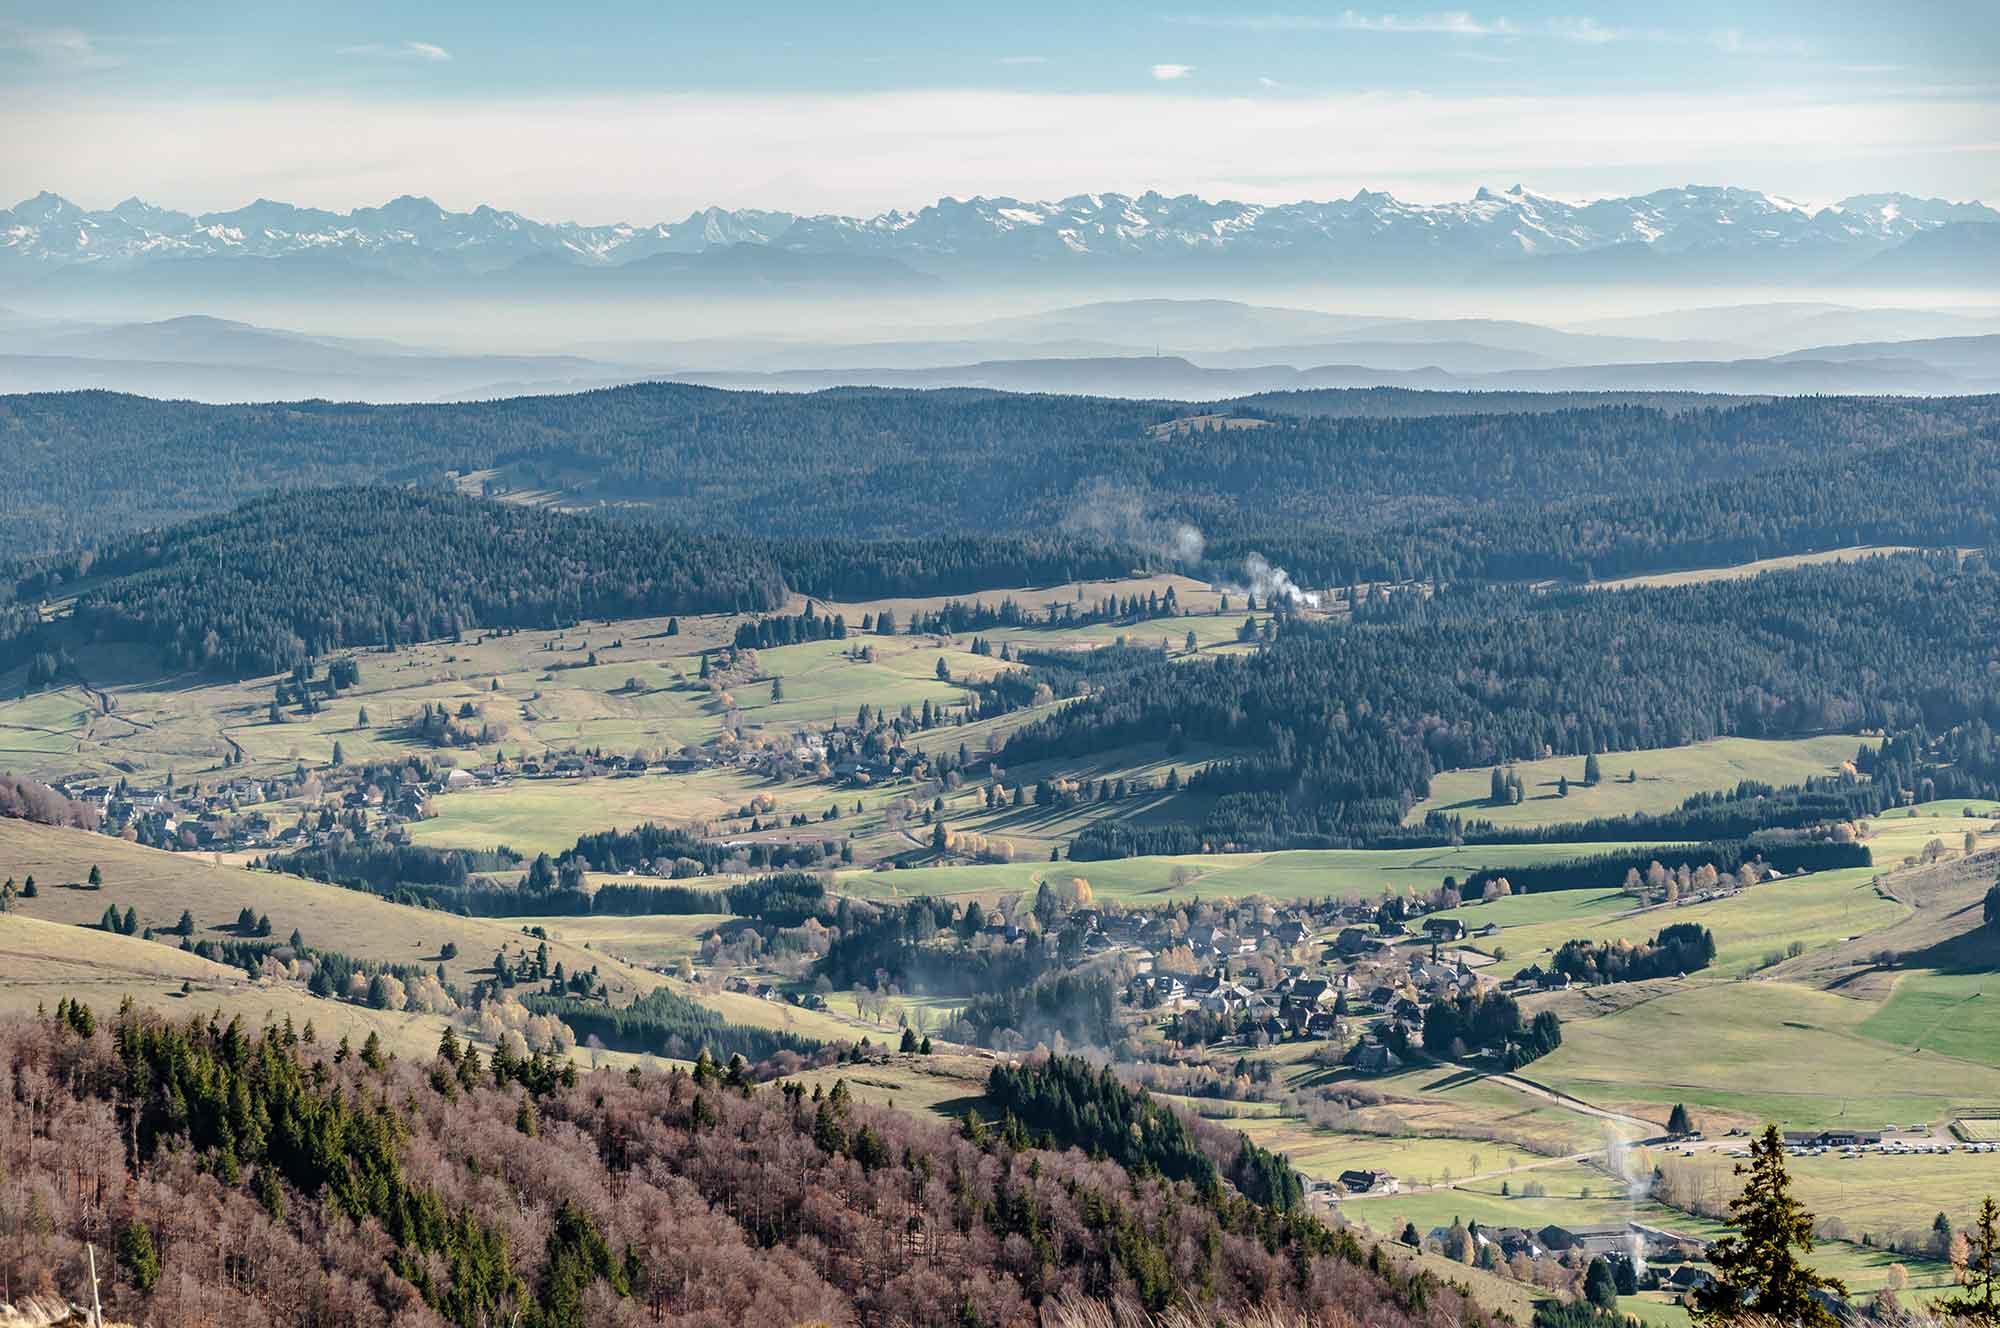 Im Bild ist die Aussicht vom Herzogenhorn über den Süden Baden-Württembergs zu sehen